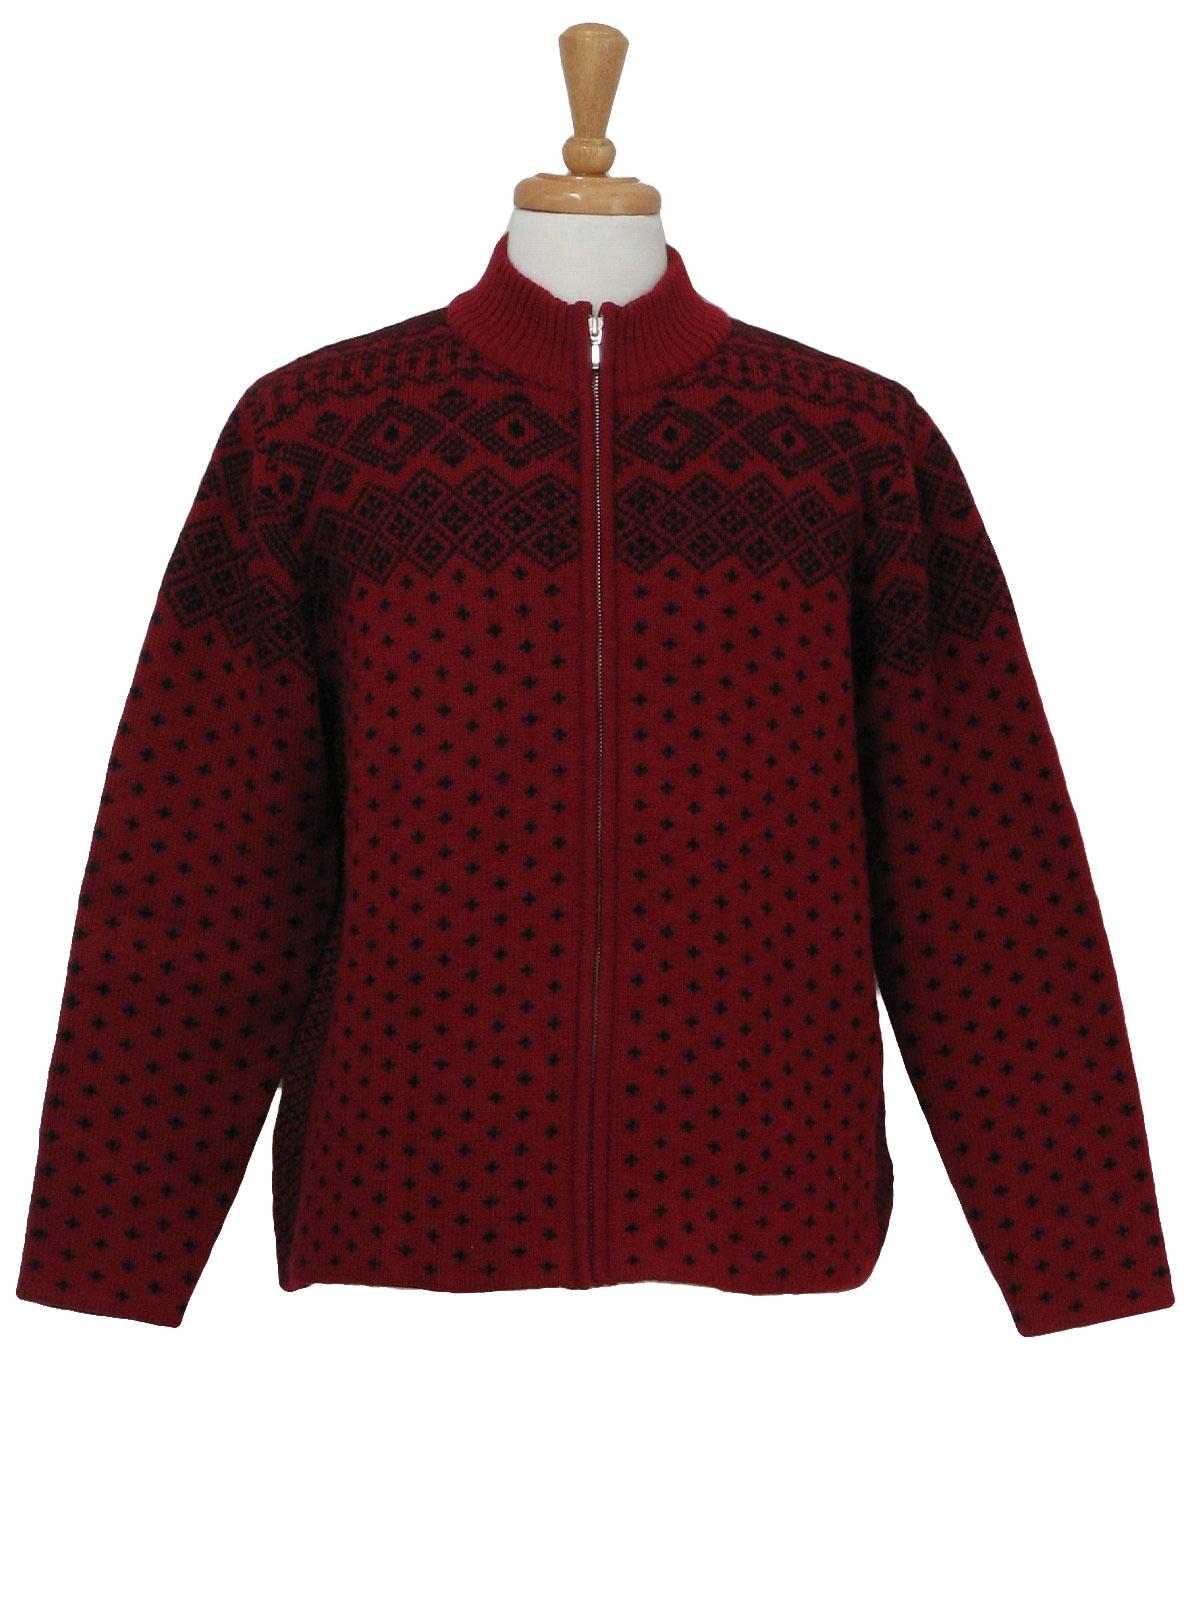 Nineties Vintage Caridgan Sweater 90s Lands End Womens